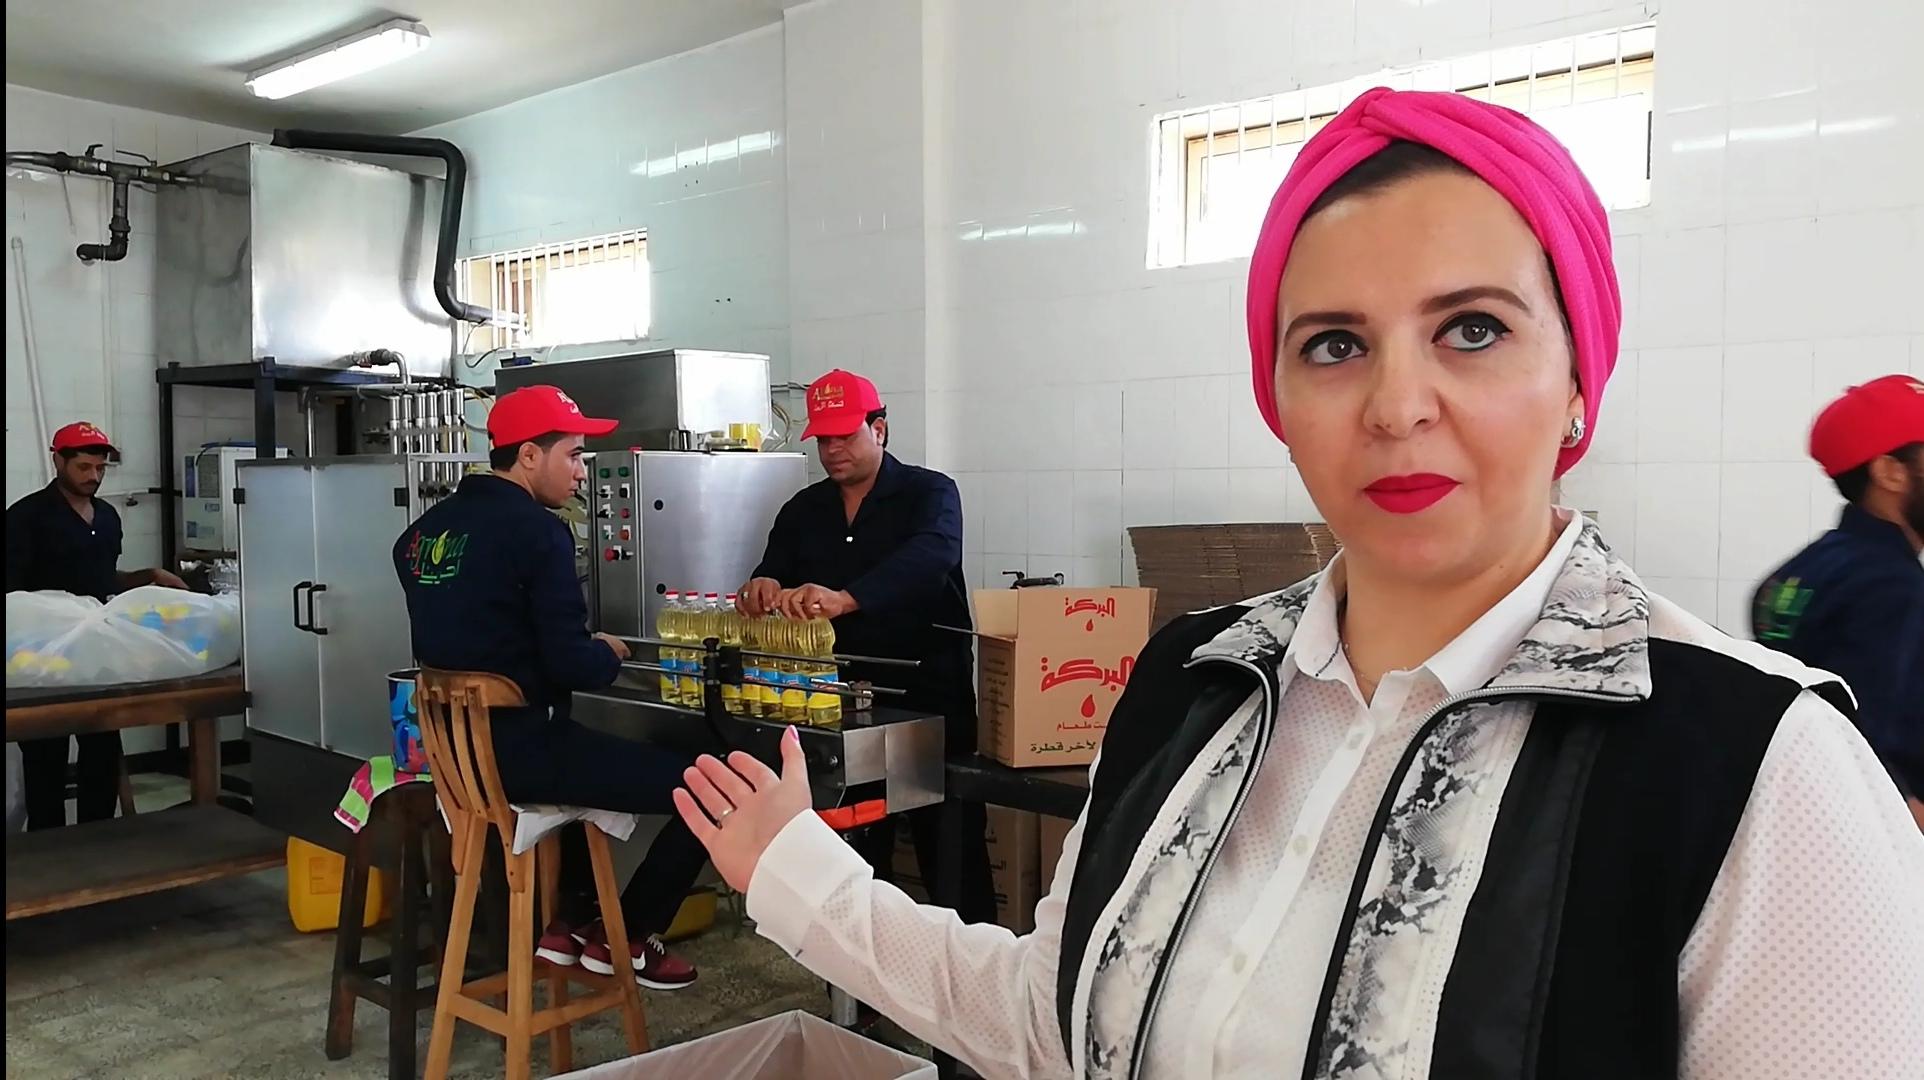 رانيا المهدى، صاحبة مصنع لتعبئة الزيوت بمدينة الغردقة (1)